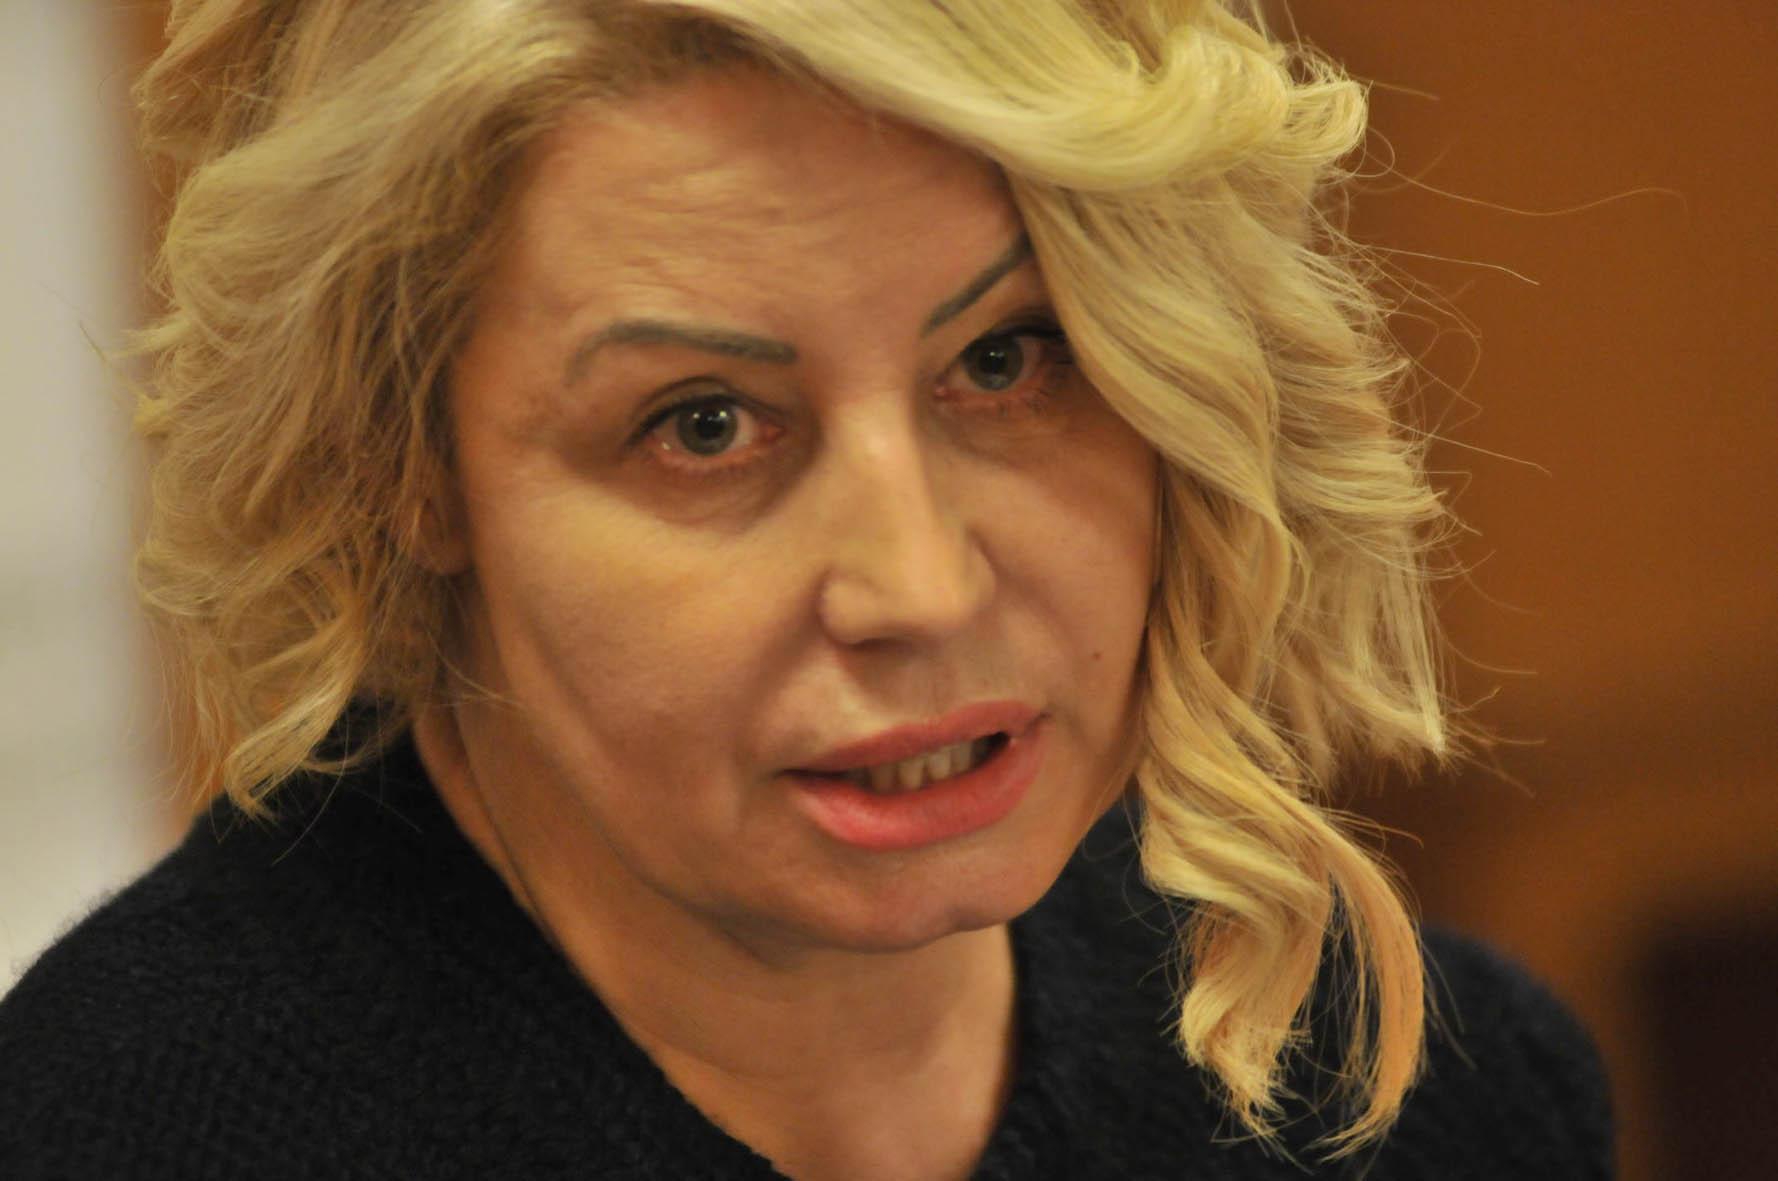 Красота требует жертв: Анна Герман шокировала своим лицом (ФОТО)